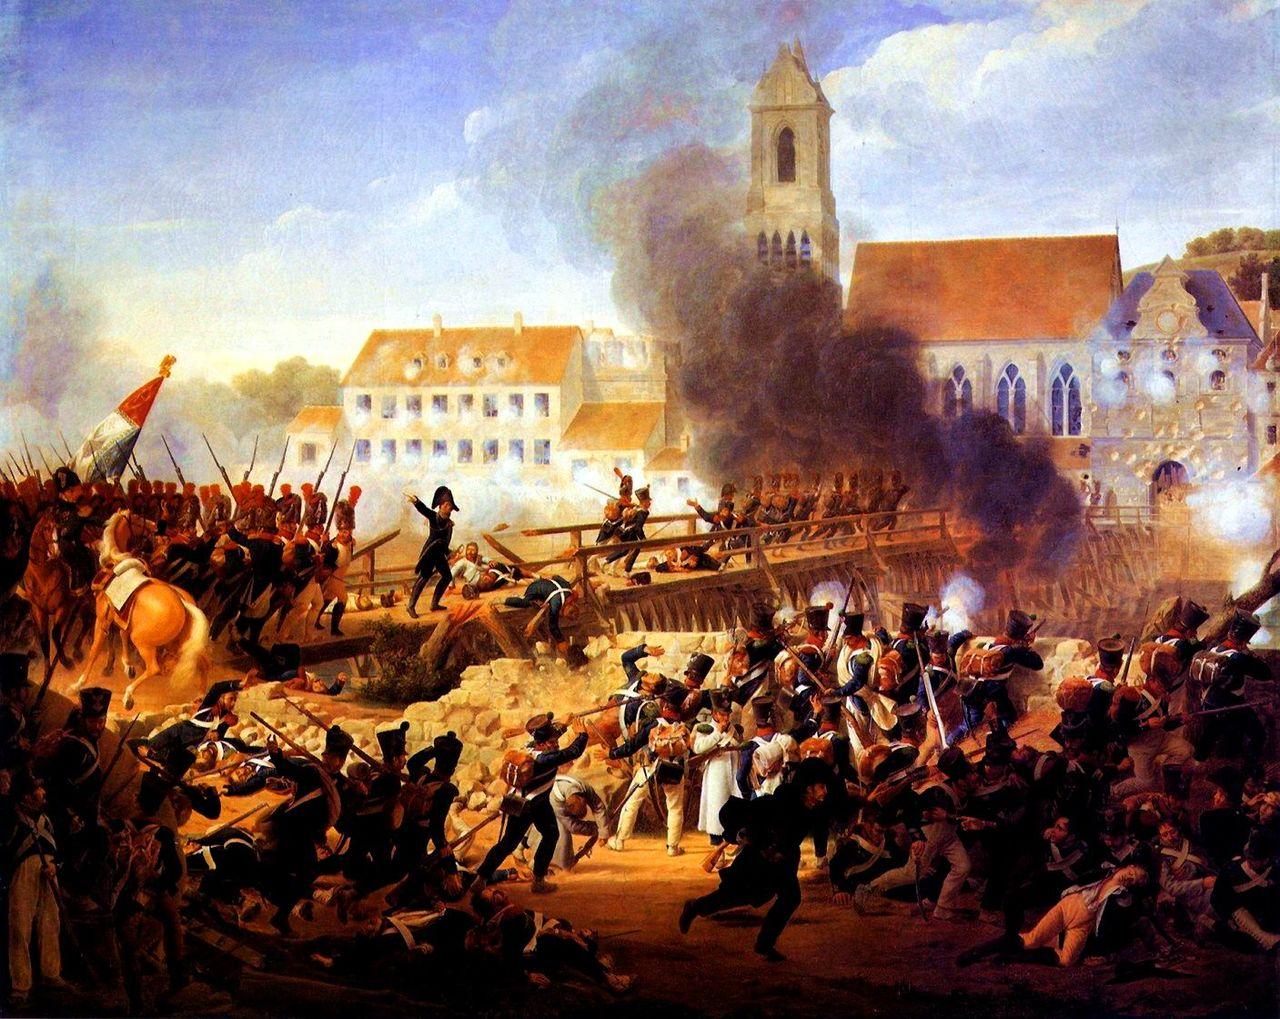 Campagne de Bavière 1809 - Prise de Landshut - 21 Avril 1280px-Louis_Hersent-Crossing_the_bridge_at_Landshut